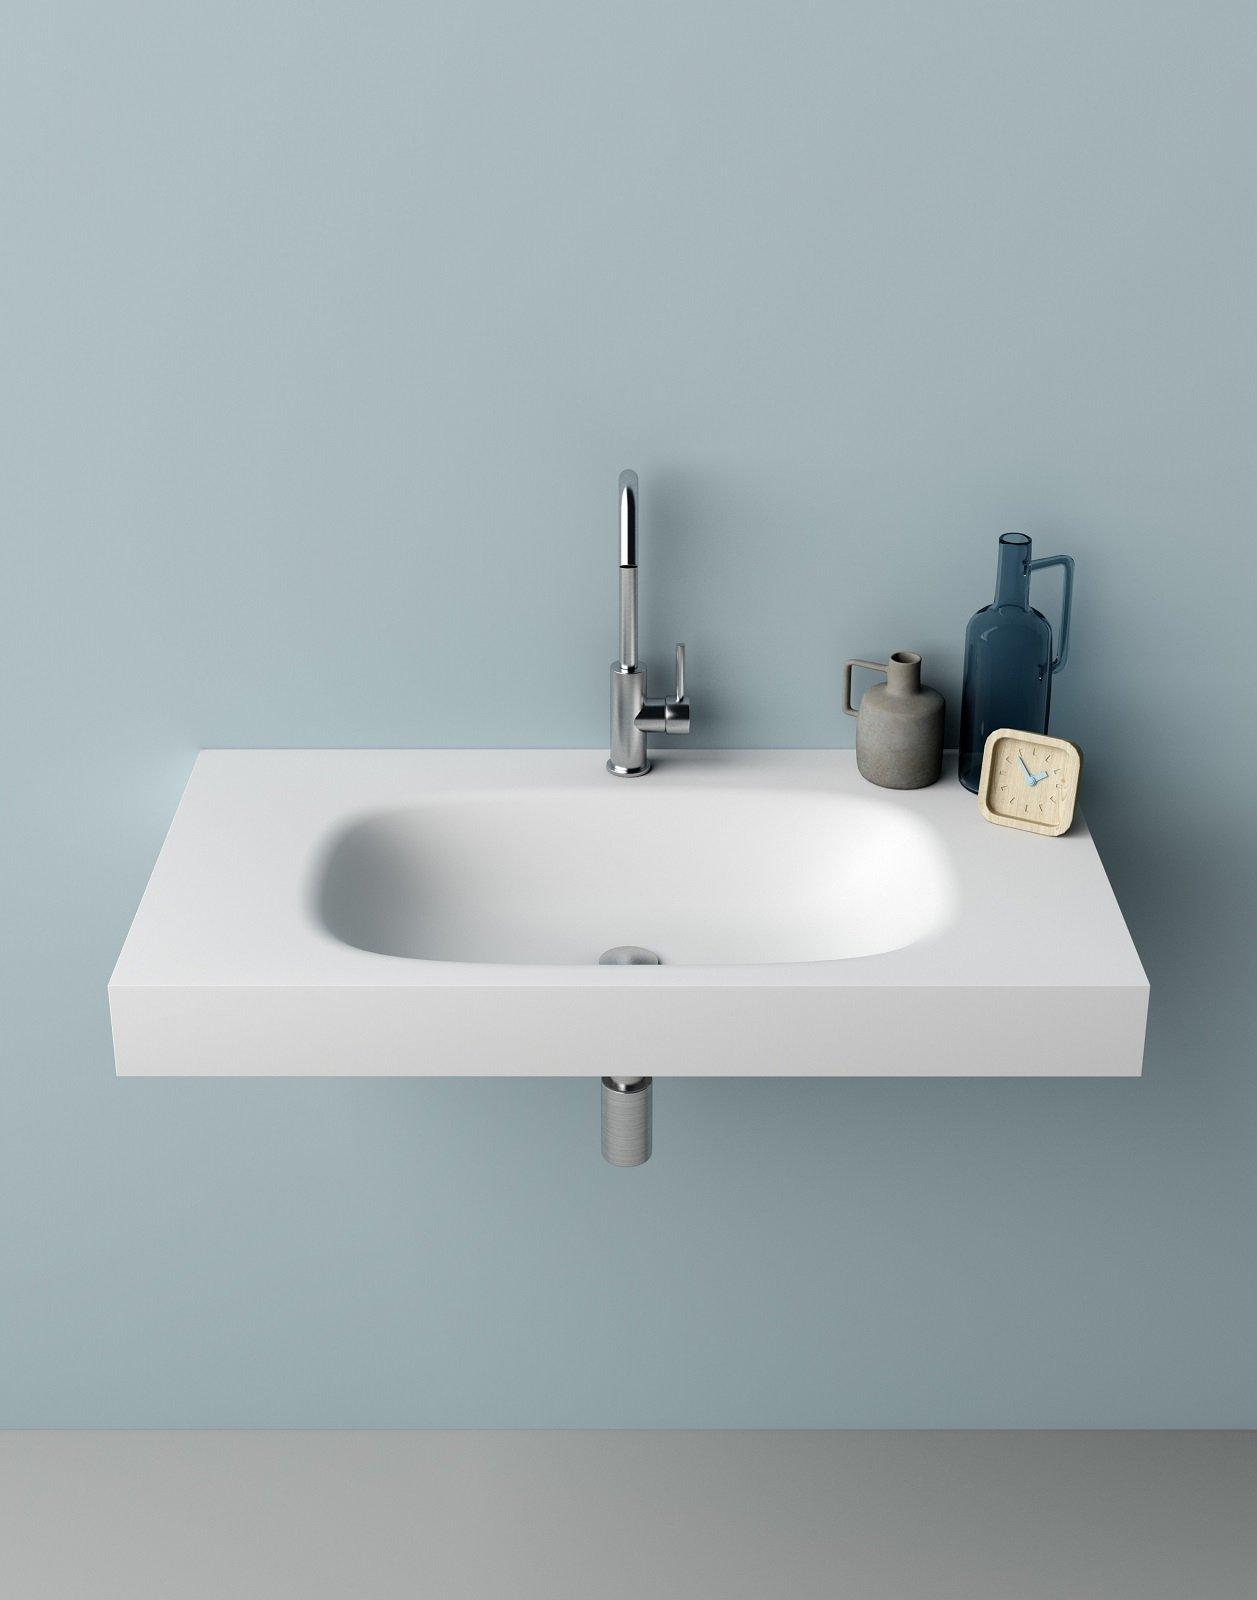 Ideal Standard Lavabi Sospesi.Con O Senza Semicolonna Il Lavabo Sospeso Regala Piu Spazio